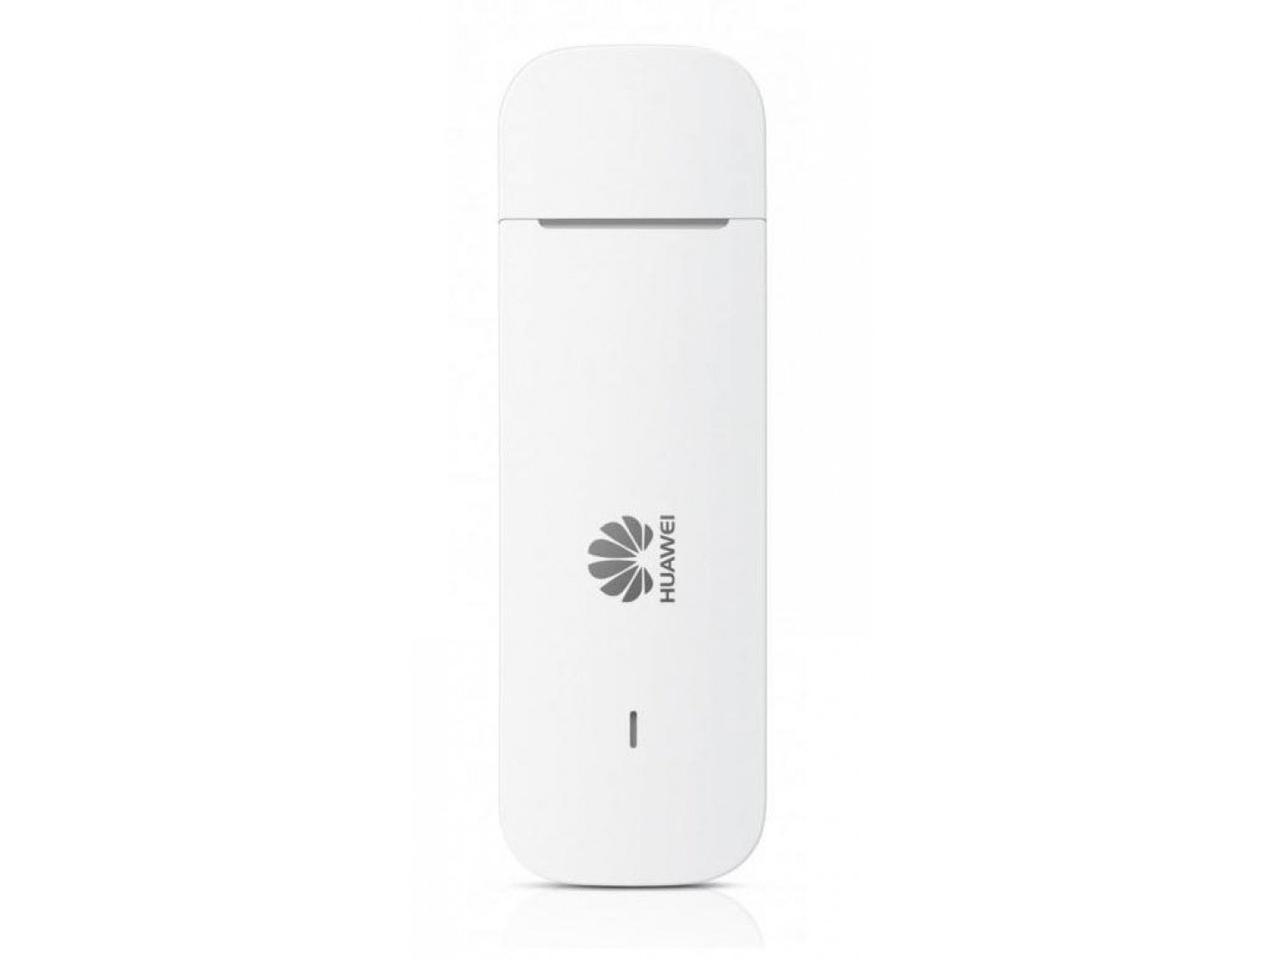 USB Modem Huawei E3372h - 320 original box